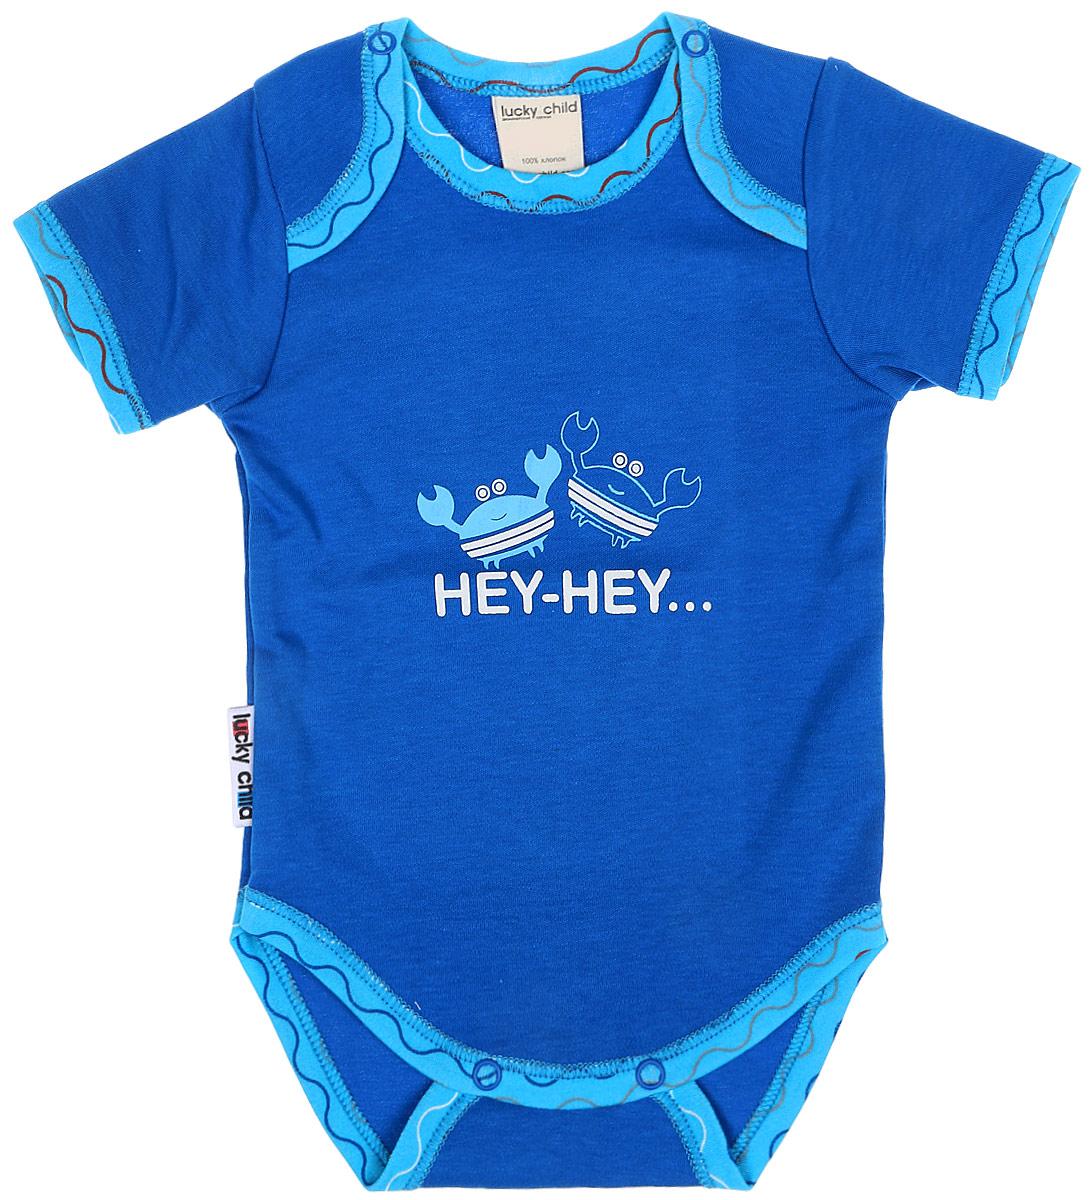 Боди детское Luky Child, цвет: синий. А5-119/синий. Размер 80/86А5-119/синийДетское боди Lucky Child с короткими рукавами послужит идеальным дополнением к гардеробу малыша в теплое время года, обеспечивая ему наибольший комфорт. Боди изготовлено из натурального хлопка, благодаря чему оно необычайно мягкое и легкое, не раздражает нежную кожу ребенка и хорошо вентилируется, а эластичные швы приятны телу малыша и не препятствуют его движениям. Удобные застежки-кнопки помогают легко переодеть младенца и сменить подгузник. Боди спереди оформлено принтом. Изделие полностью соответствует особенностям жизни малыша в ранний период, не стесняя и не ограничивая его в движениях. В нем ваш ребенок всегда будет в центре внимания.